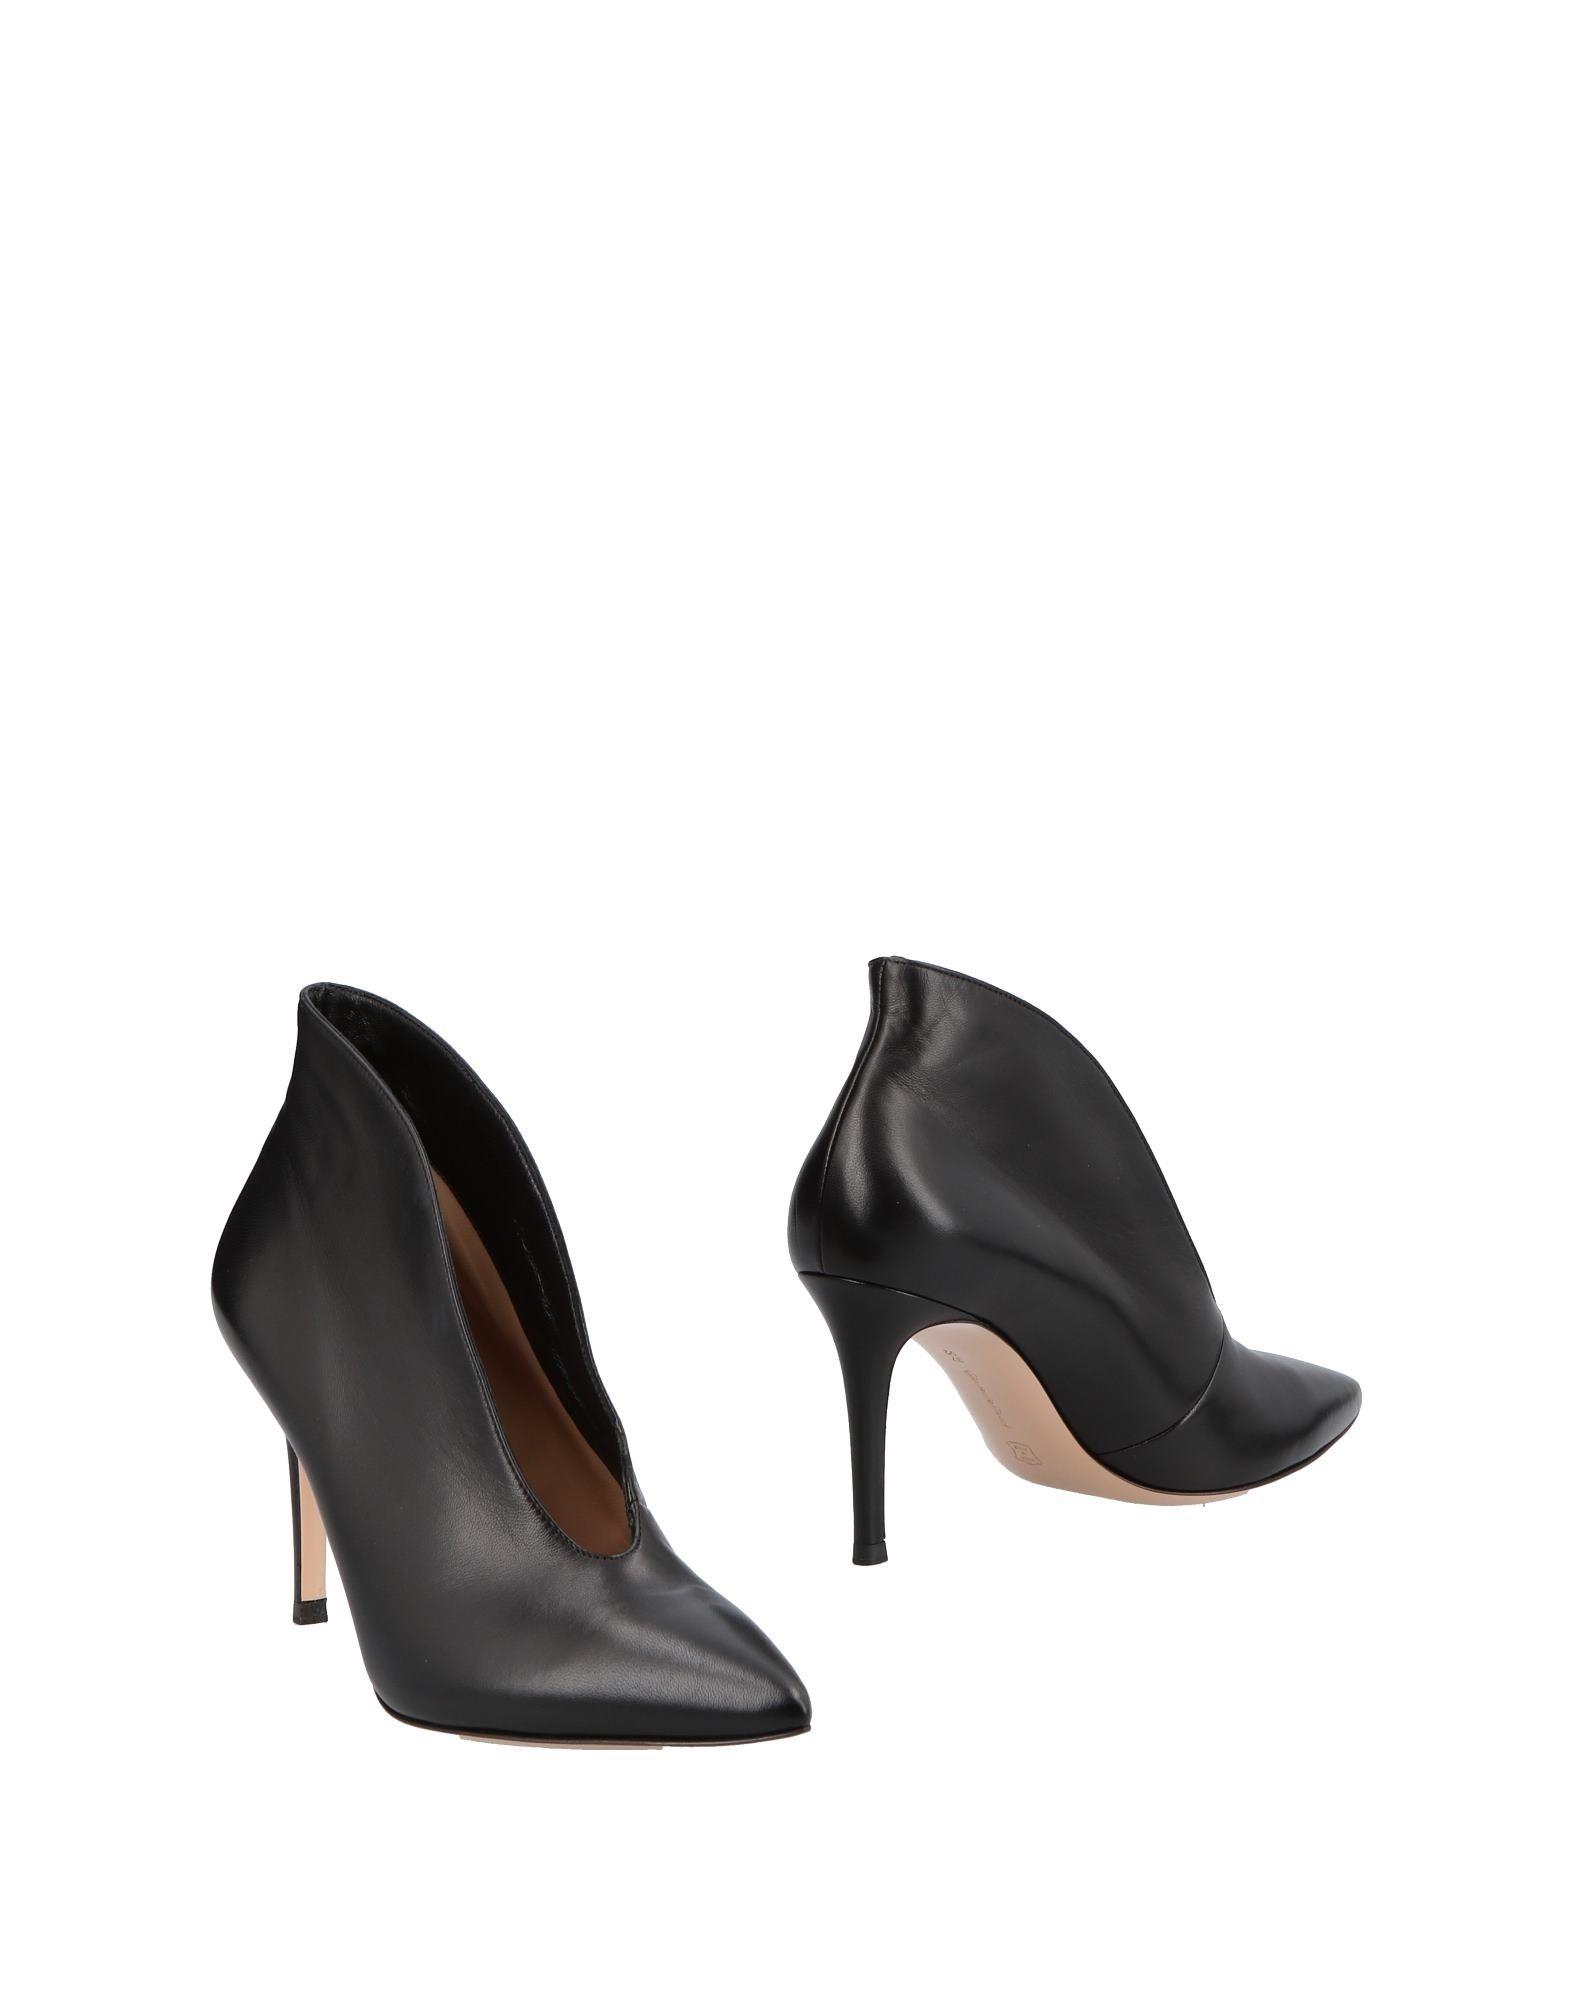 Gianvito Rossi gut Stiefelette Damen  11495823HPGünstige gut Rossi aussehende Schuhe 4a72c0